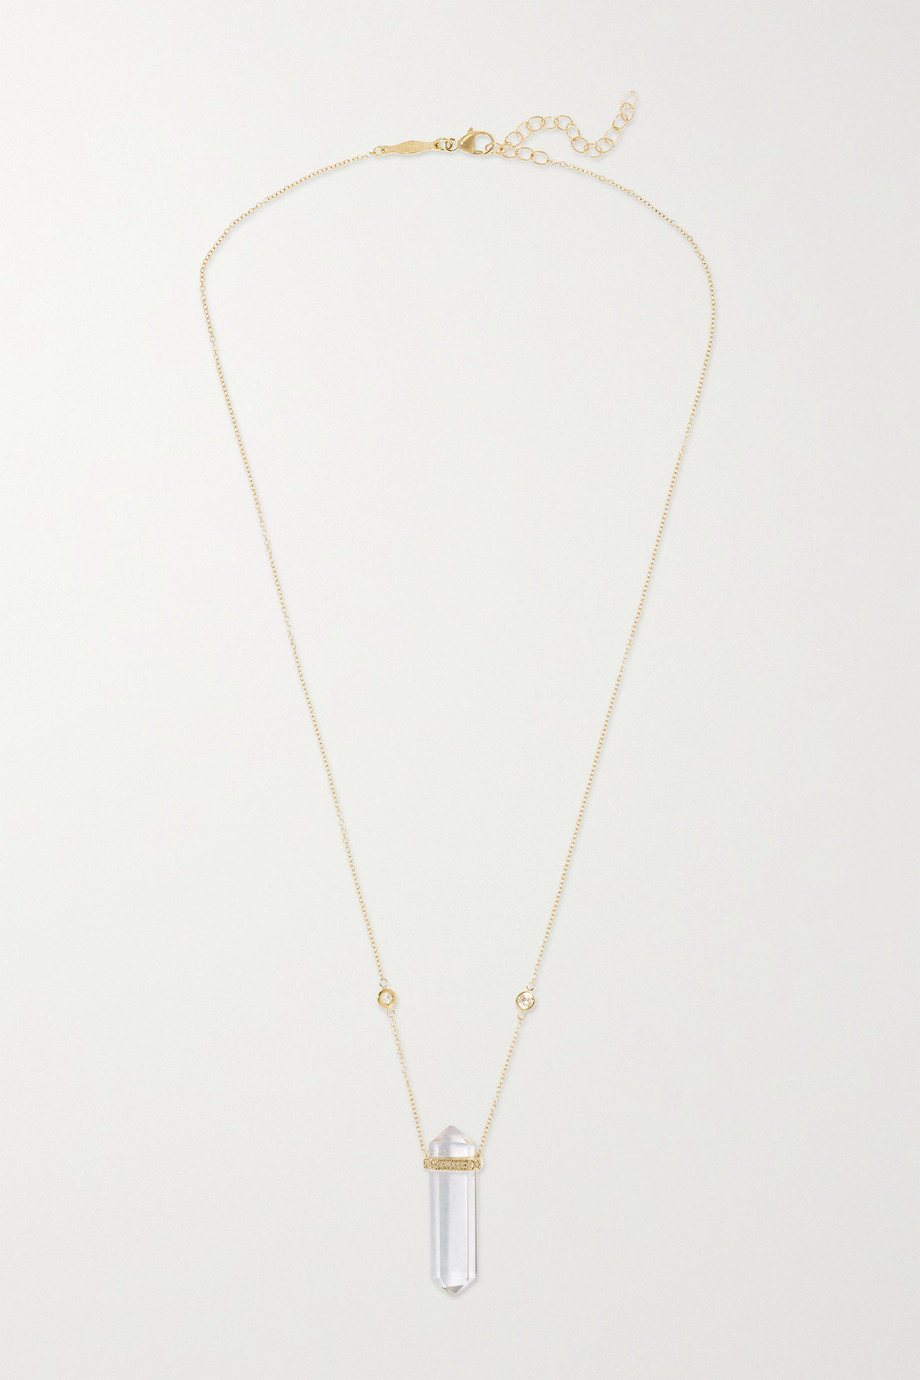 Jacquie Aiche 14-karat gold, quartz and diamond necklace